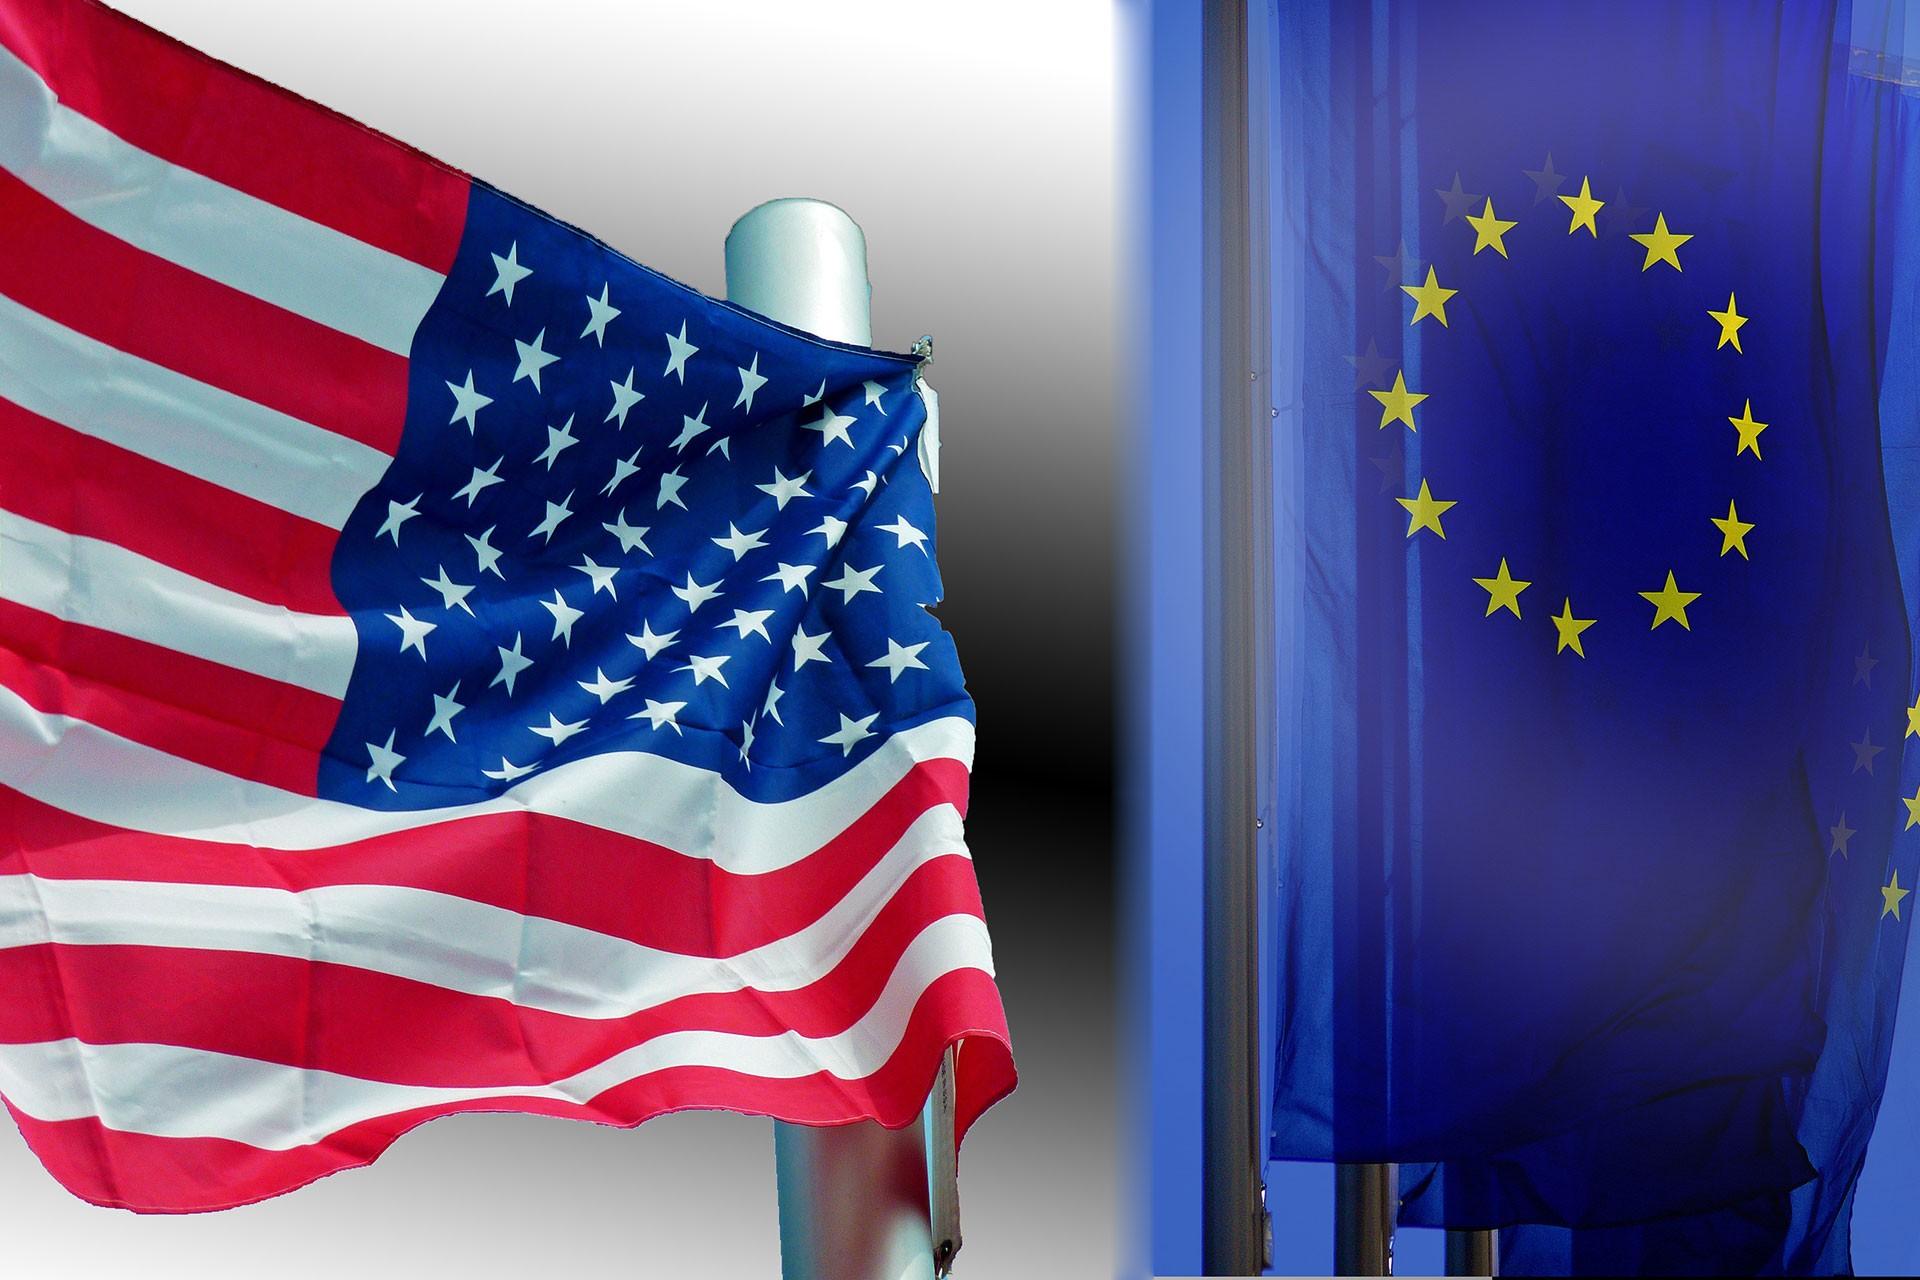 ABD bayrağı (solda) ve Avrupa Birliği bayrağı (sağda)